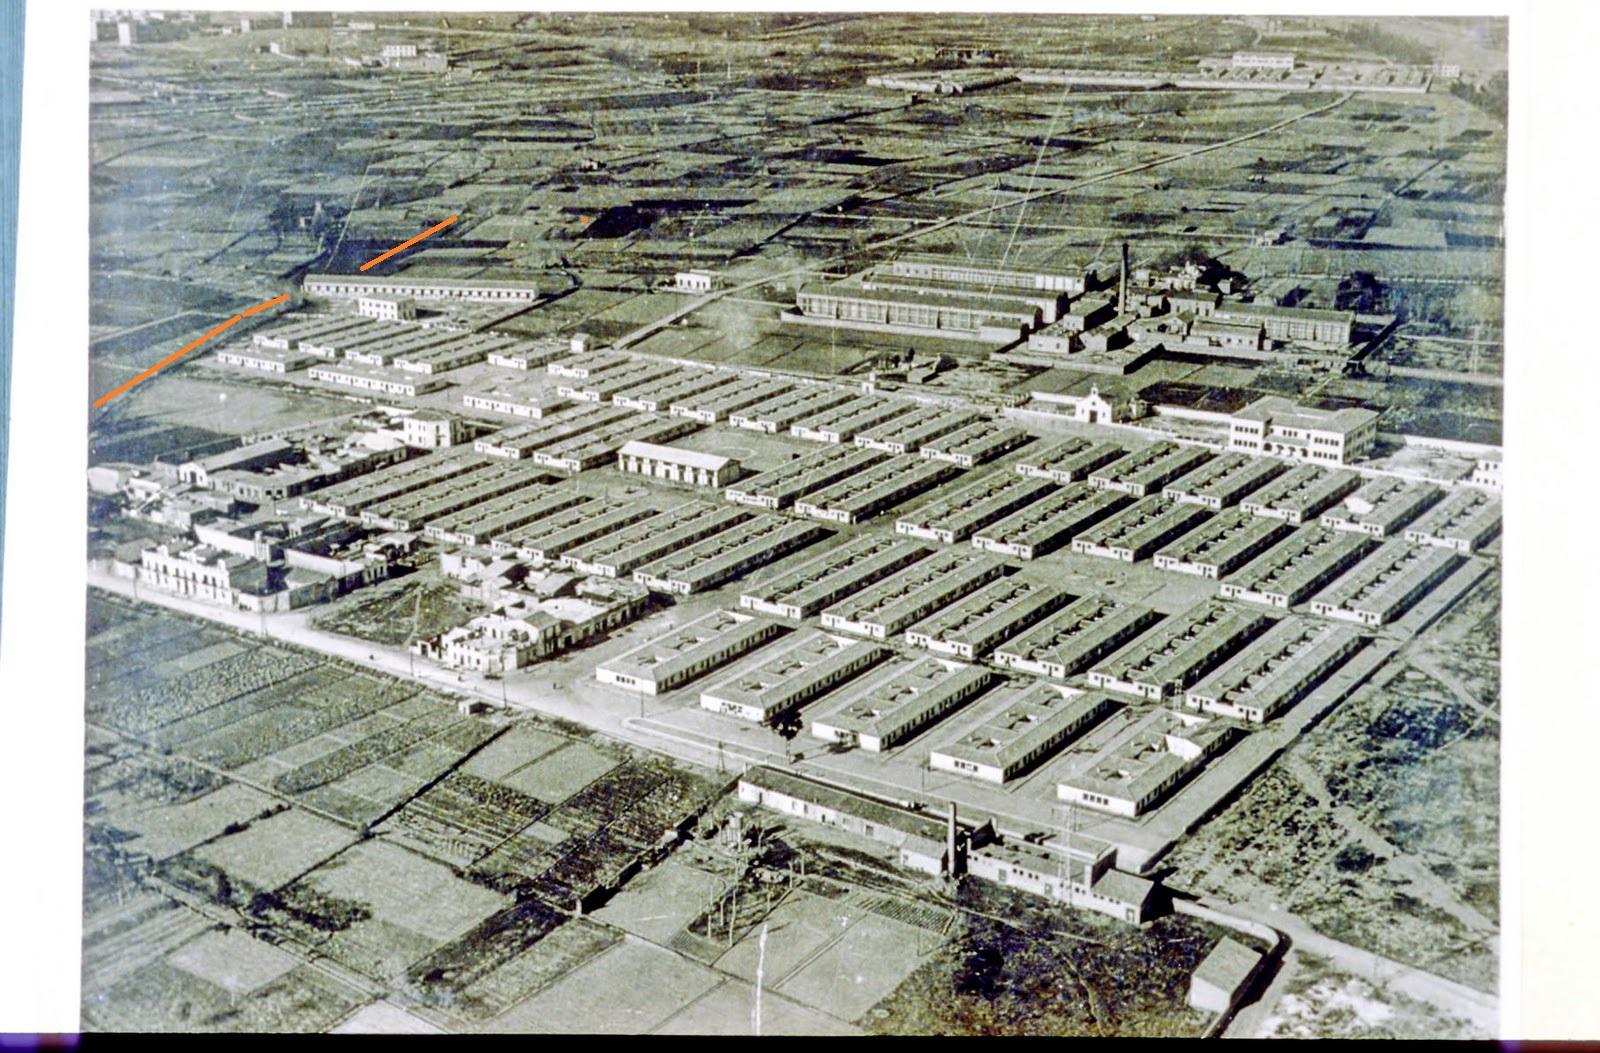 D02-01-001 Diapositiva. Casas Baratas Bon PAstor. 1932. Autor J. Dominguez